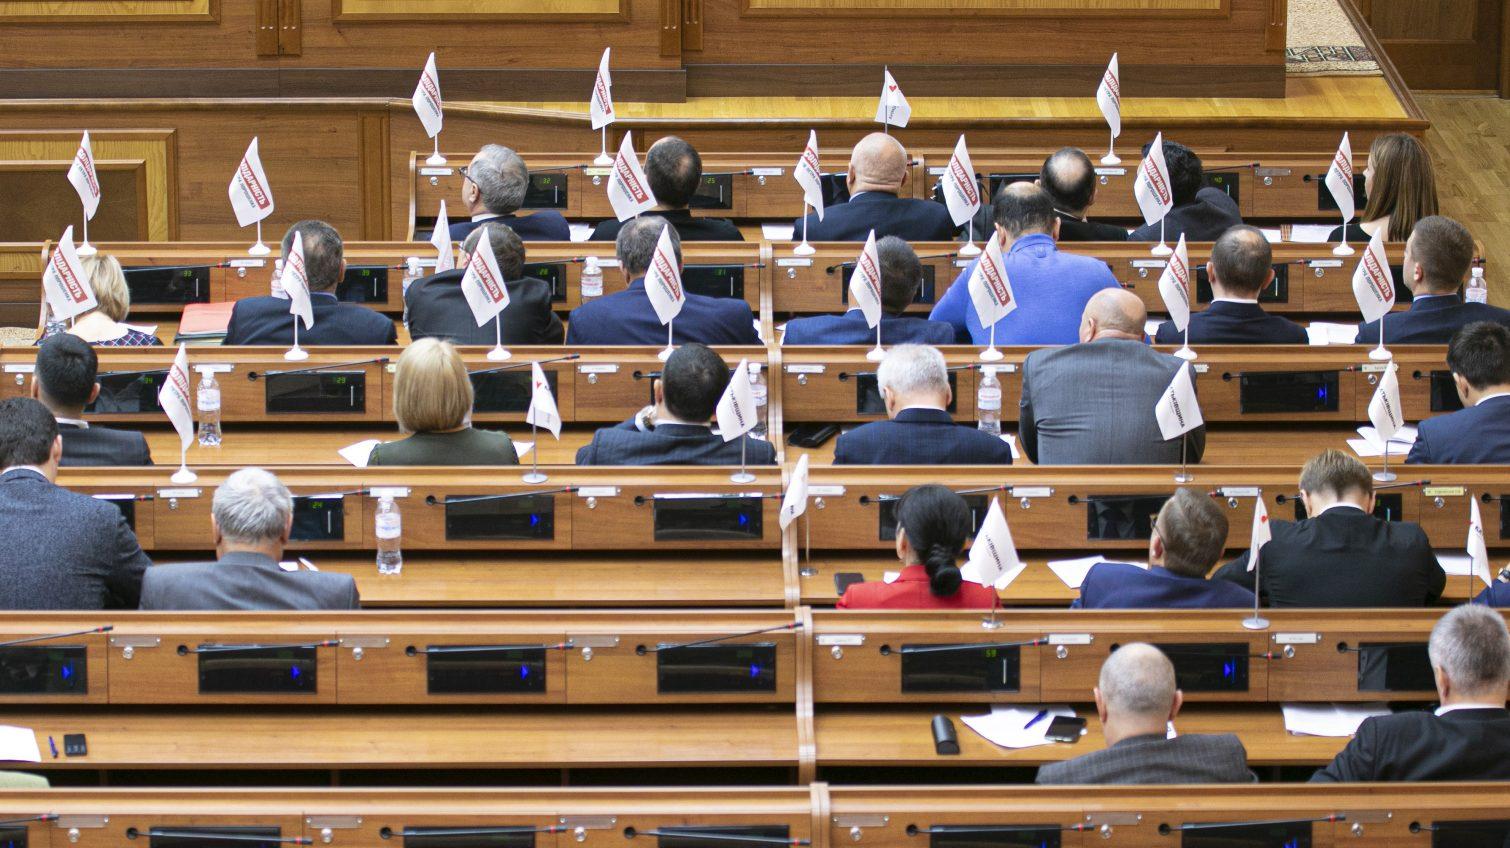 Одесский облсовет обратился к Президенту Украины с просьбой не объединять «силой» территориальные громады (фото) «фото»